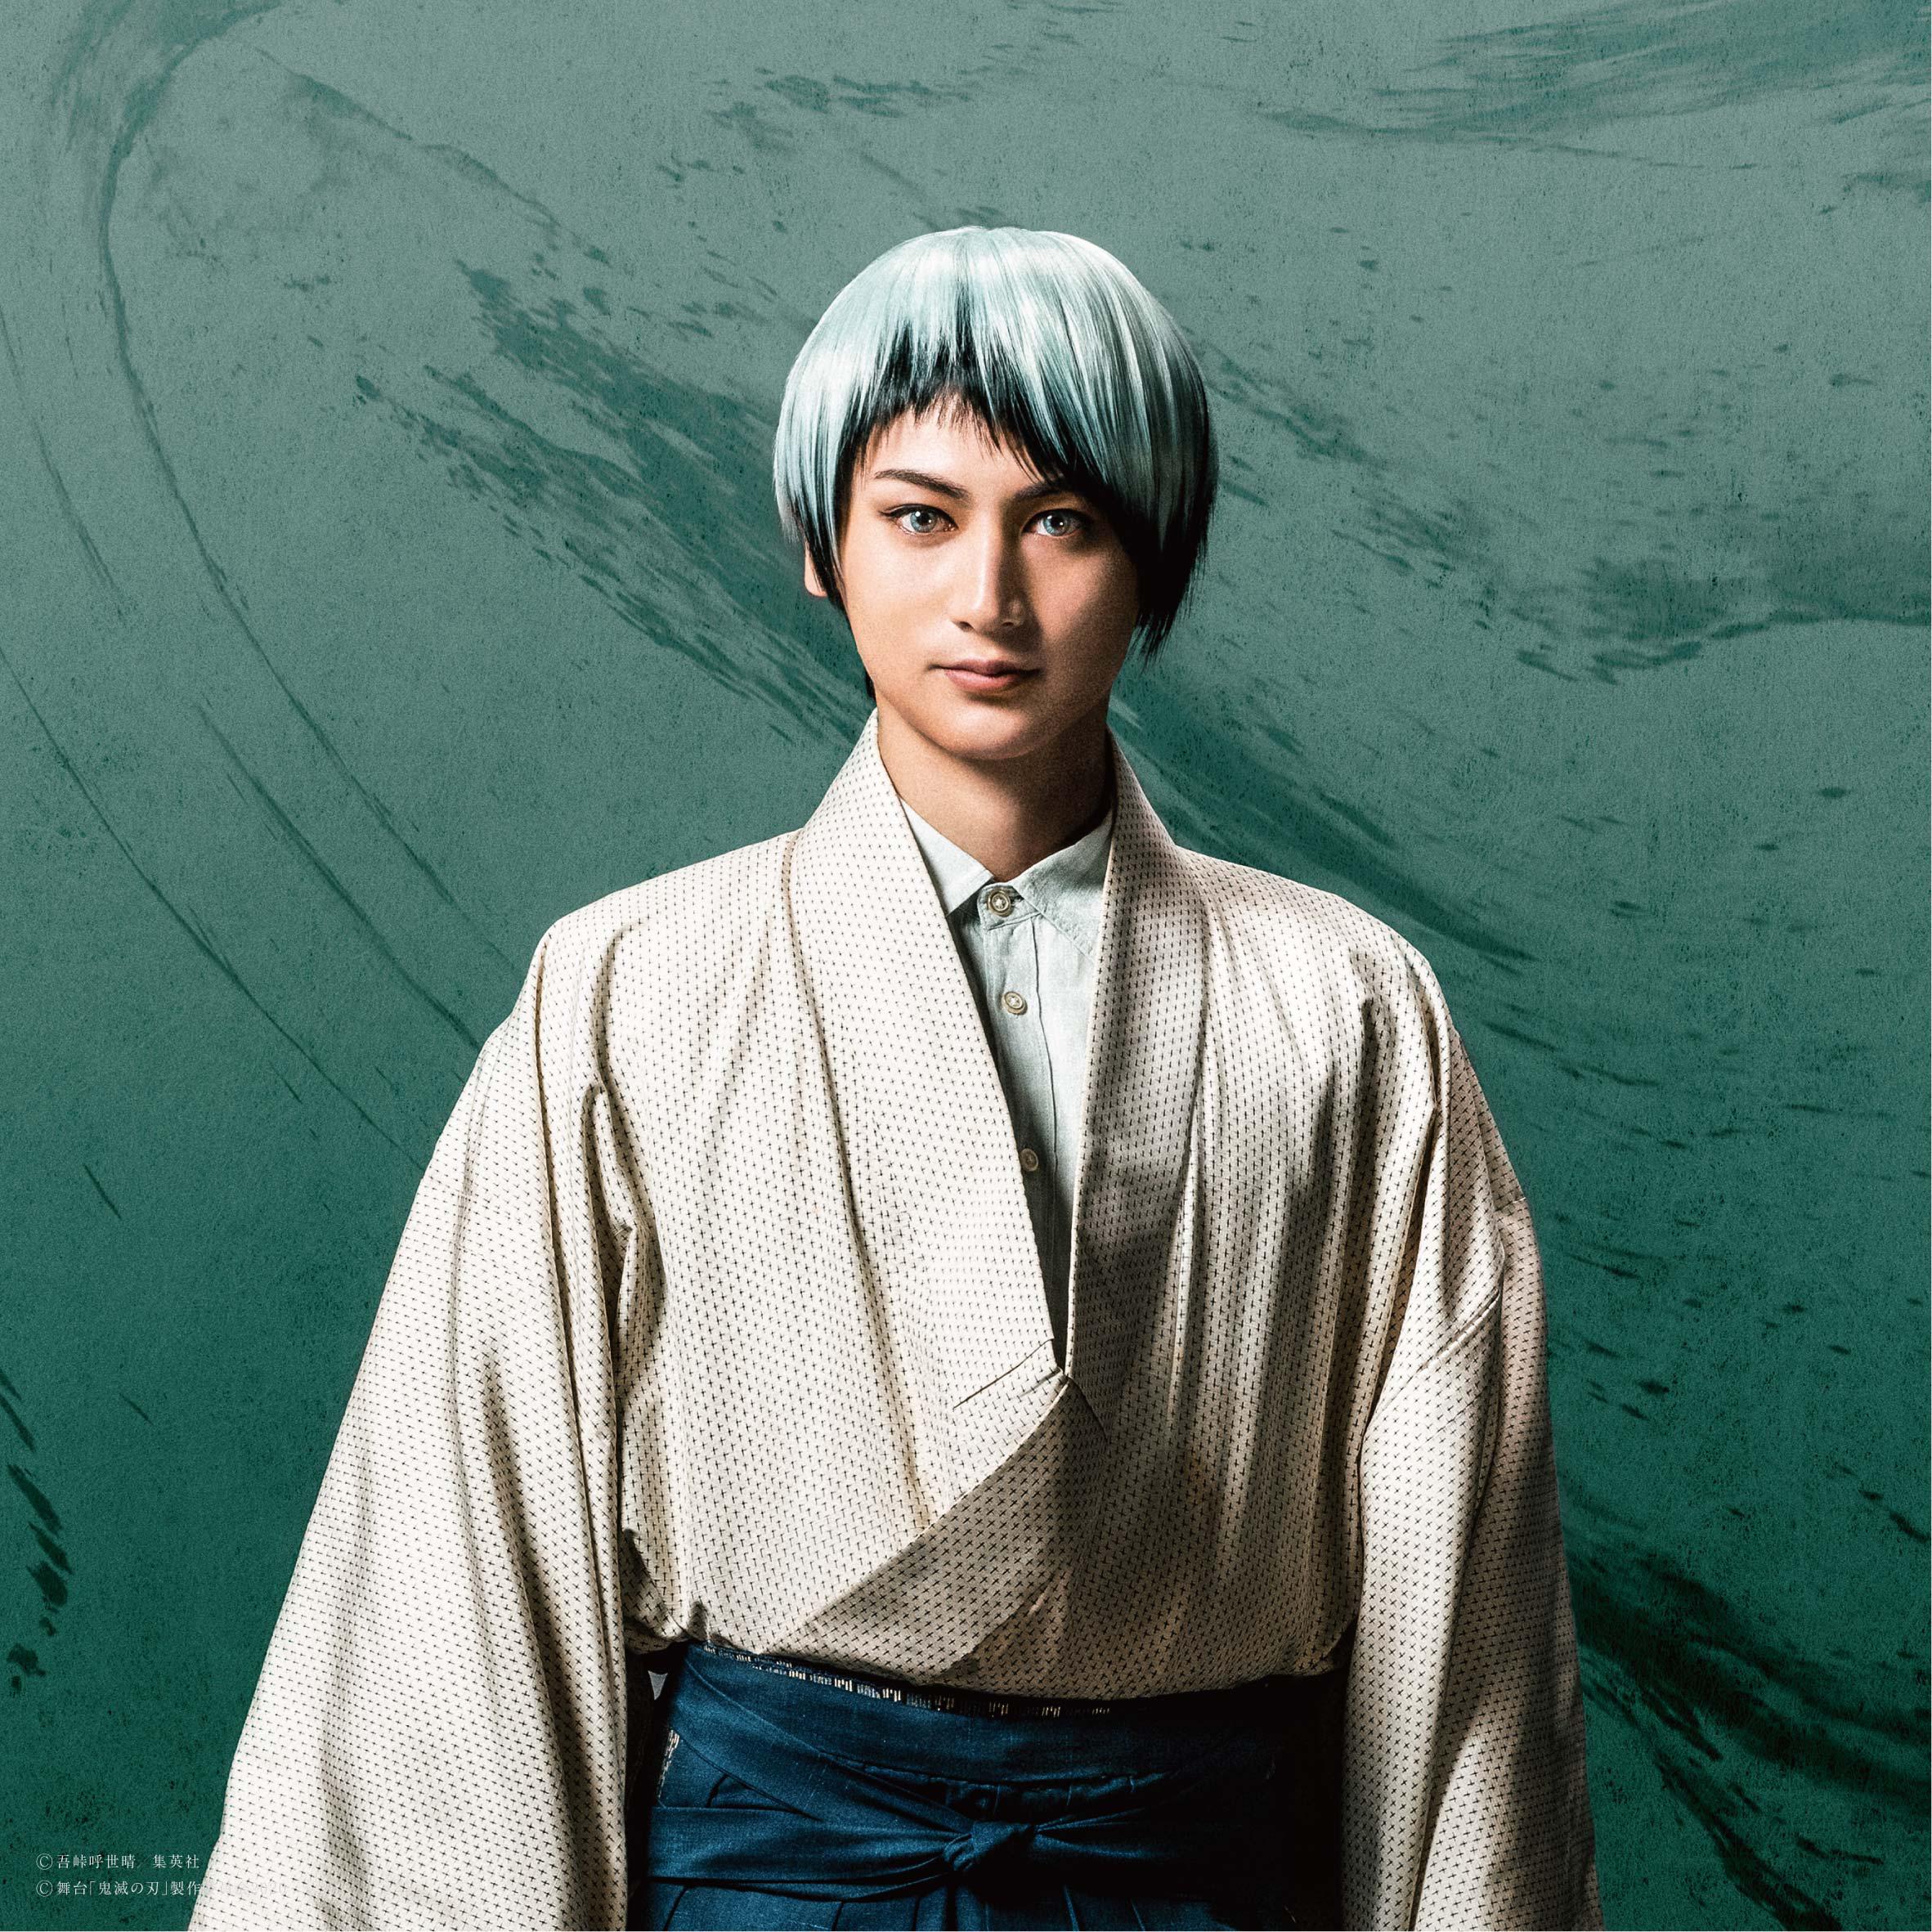 Yushiro Kimetsu No Yaiba Wikia Fandom